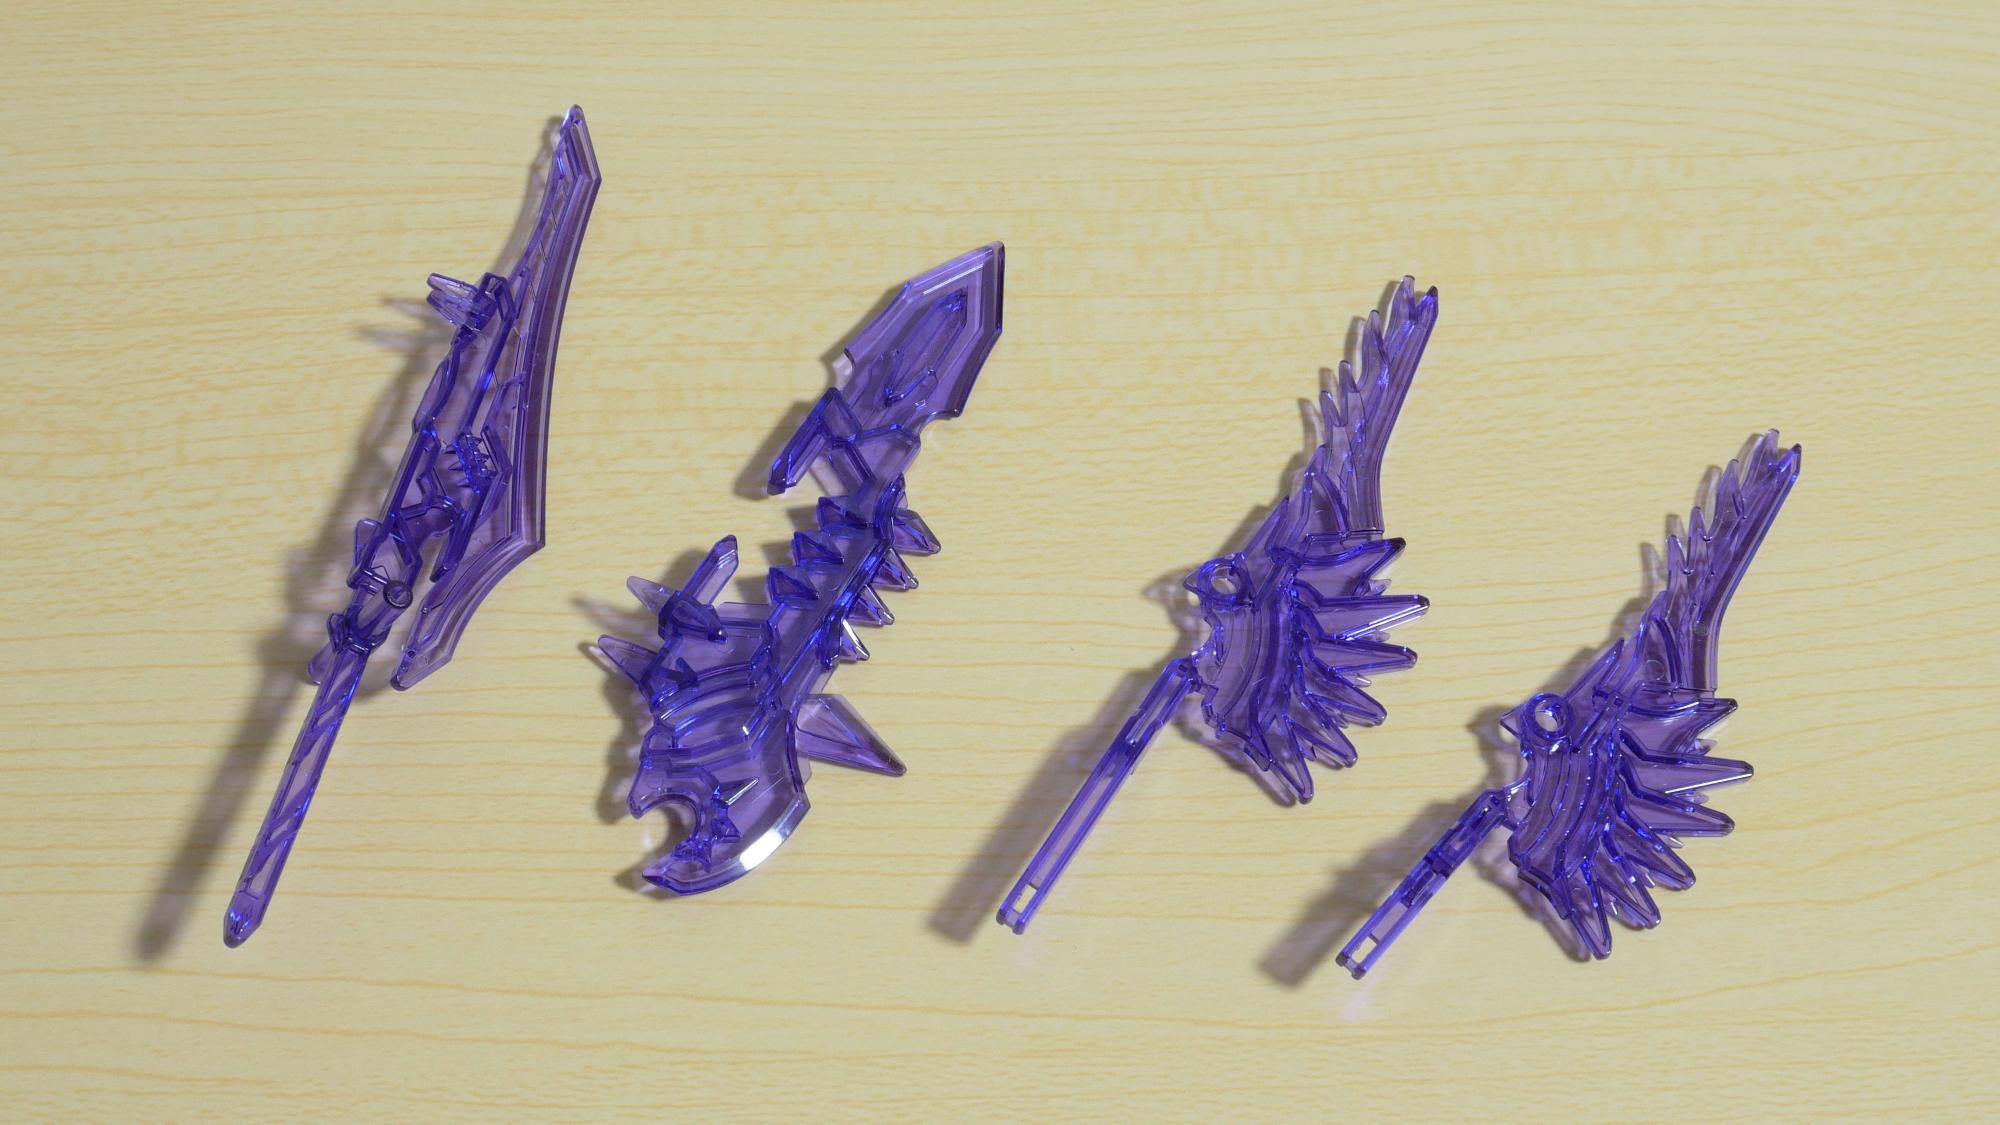 左:大画戟 / 中:方天戦斧 / 右:紫炎刀